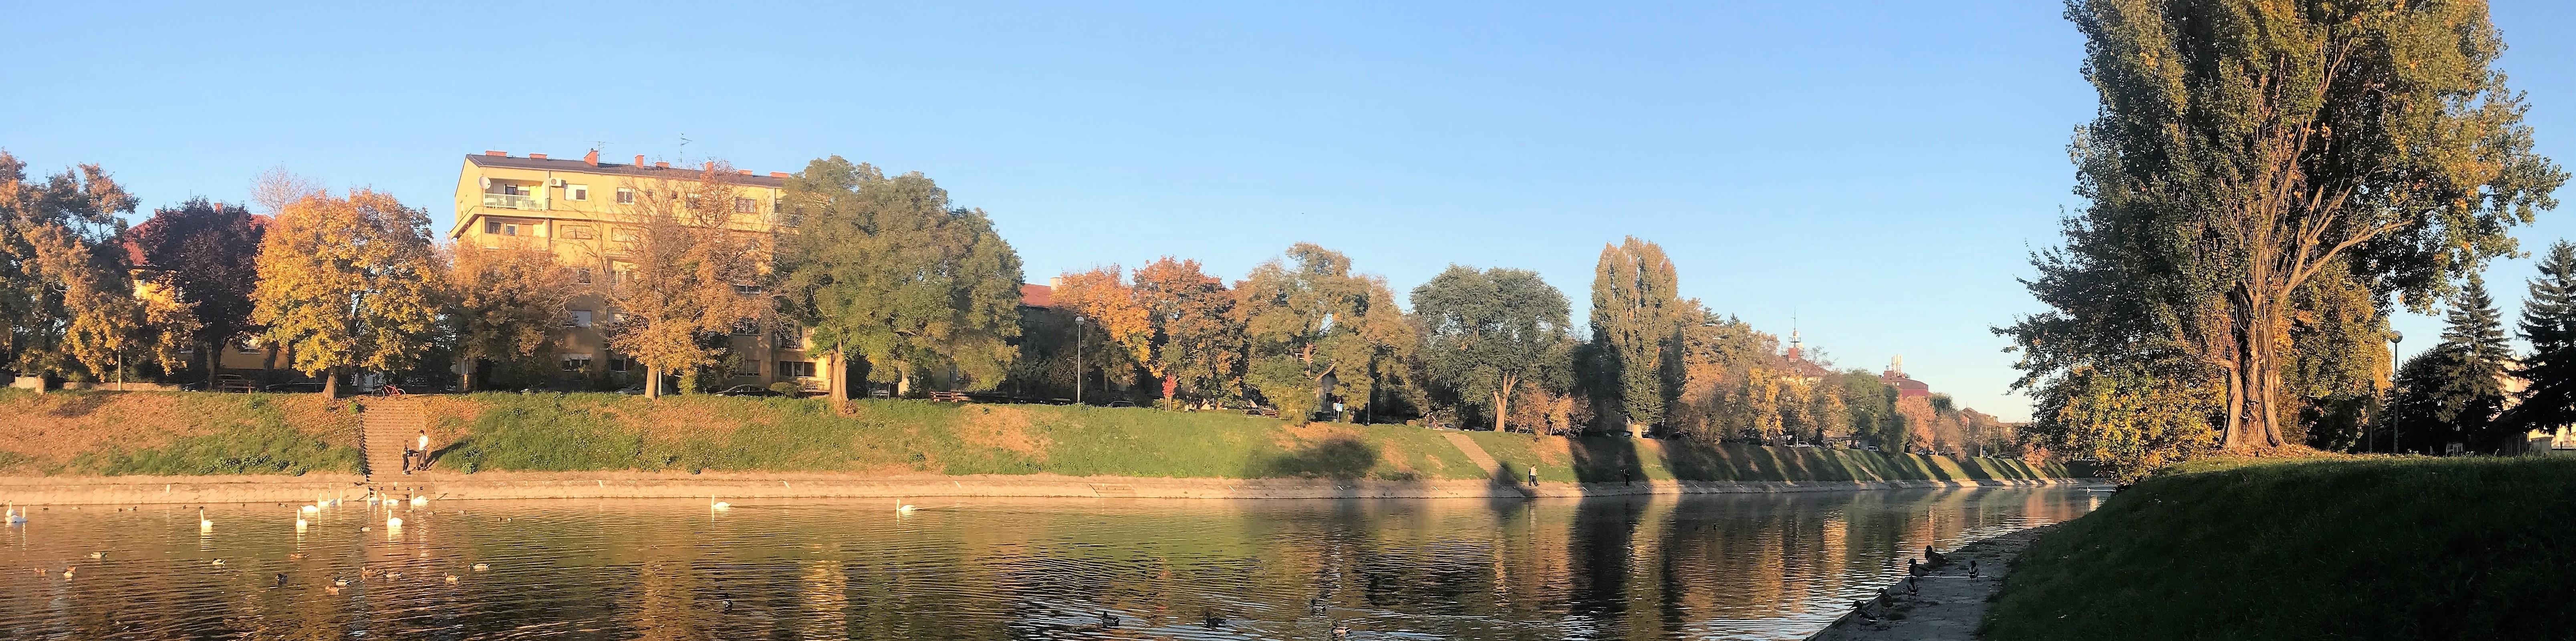 bosut jesen 2 (2)